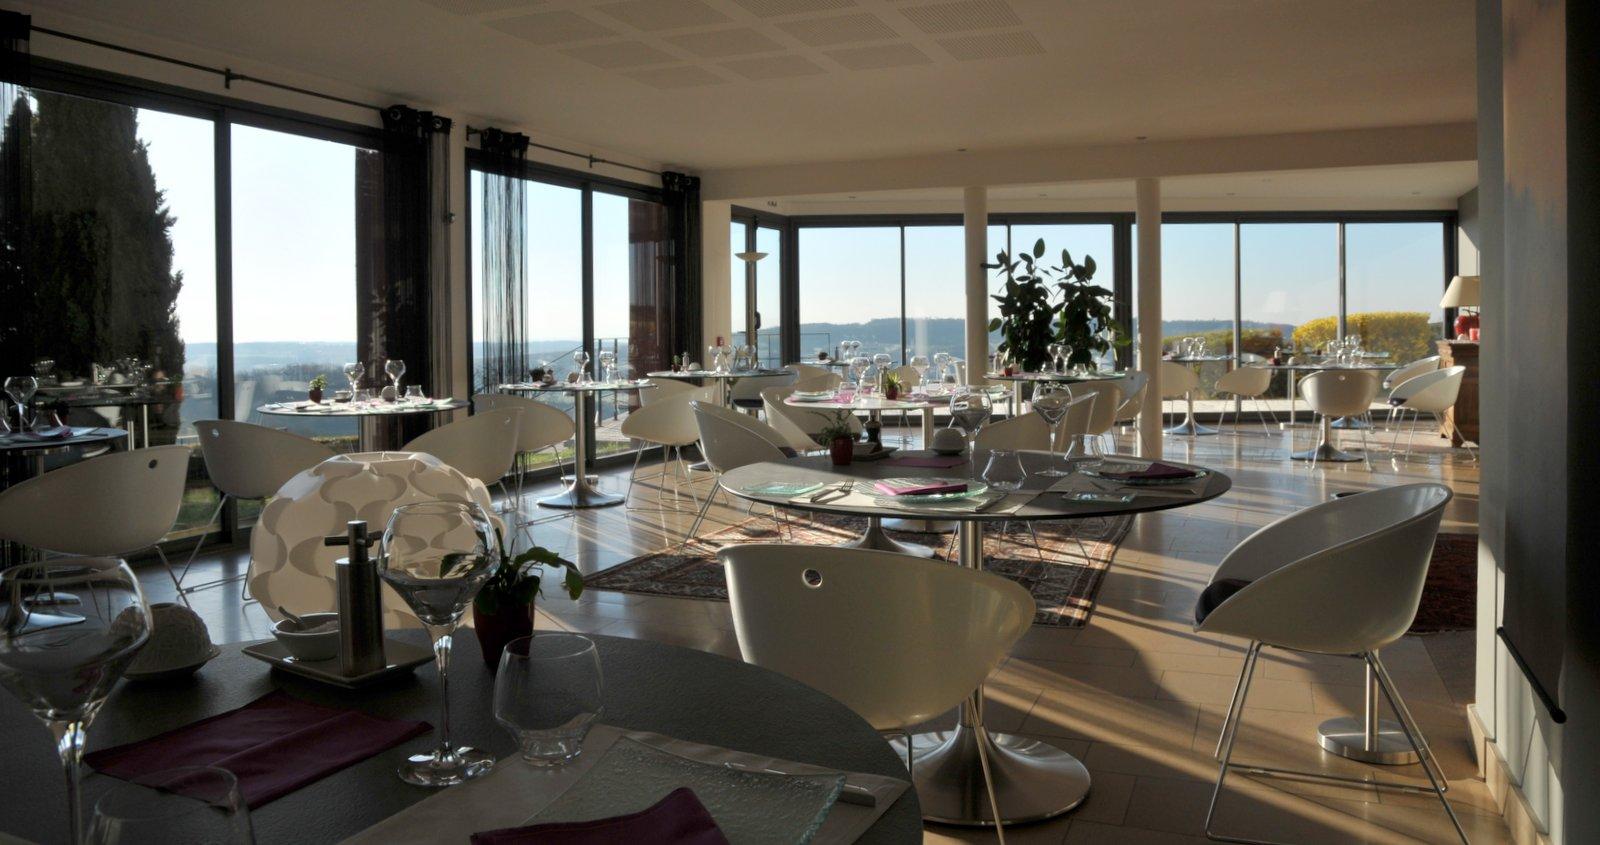 Restaurant la salle amanger le carnaval de qu bec en for La salle a manger salon de provence